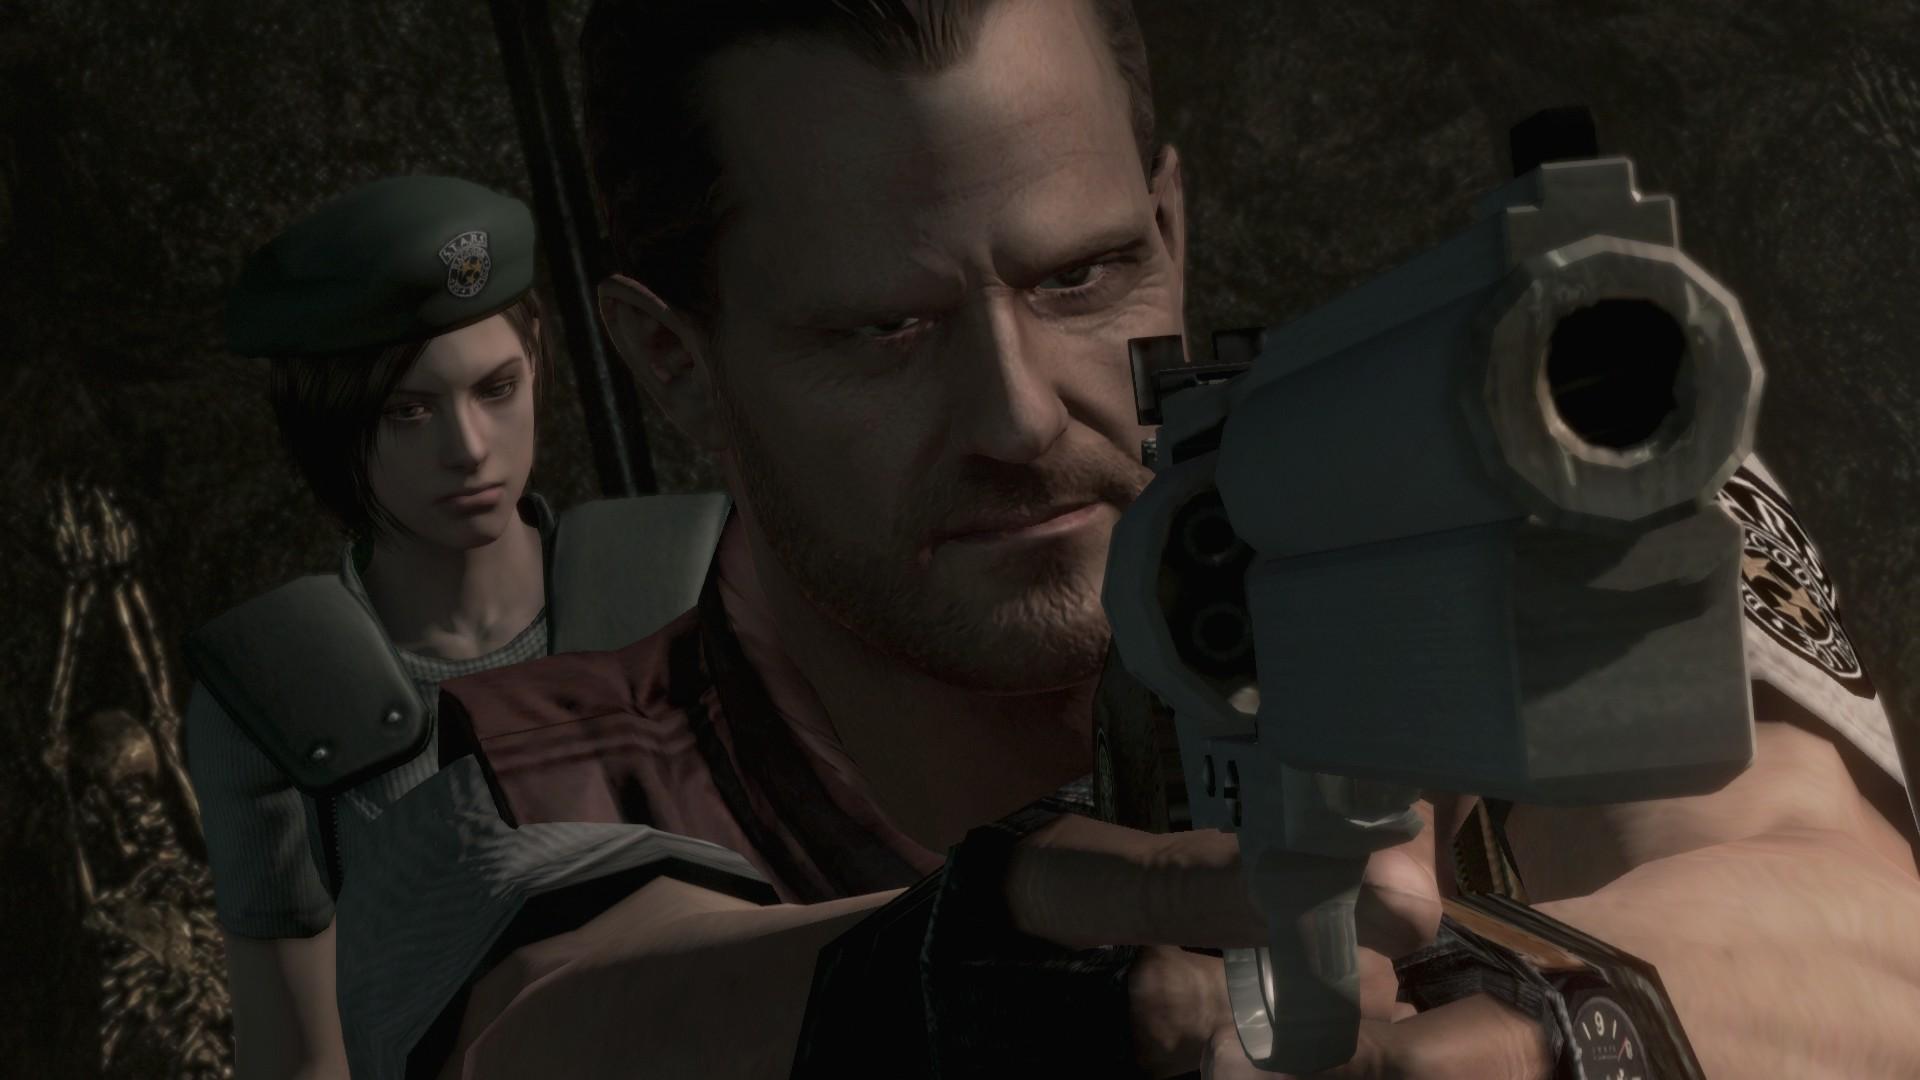 El doblaje de Jill y de Barry era particularmente malo, pero el de Wesker es que era algo impresionantemente ridículo. Qué mal lo hacía.